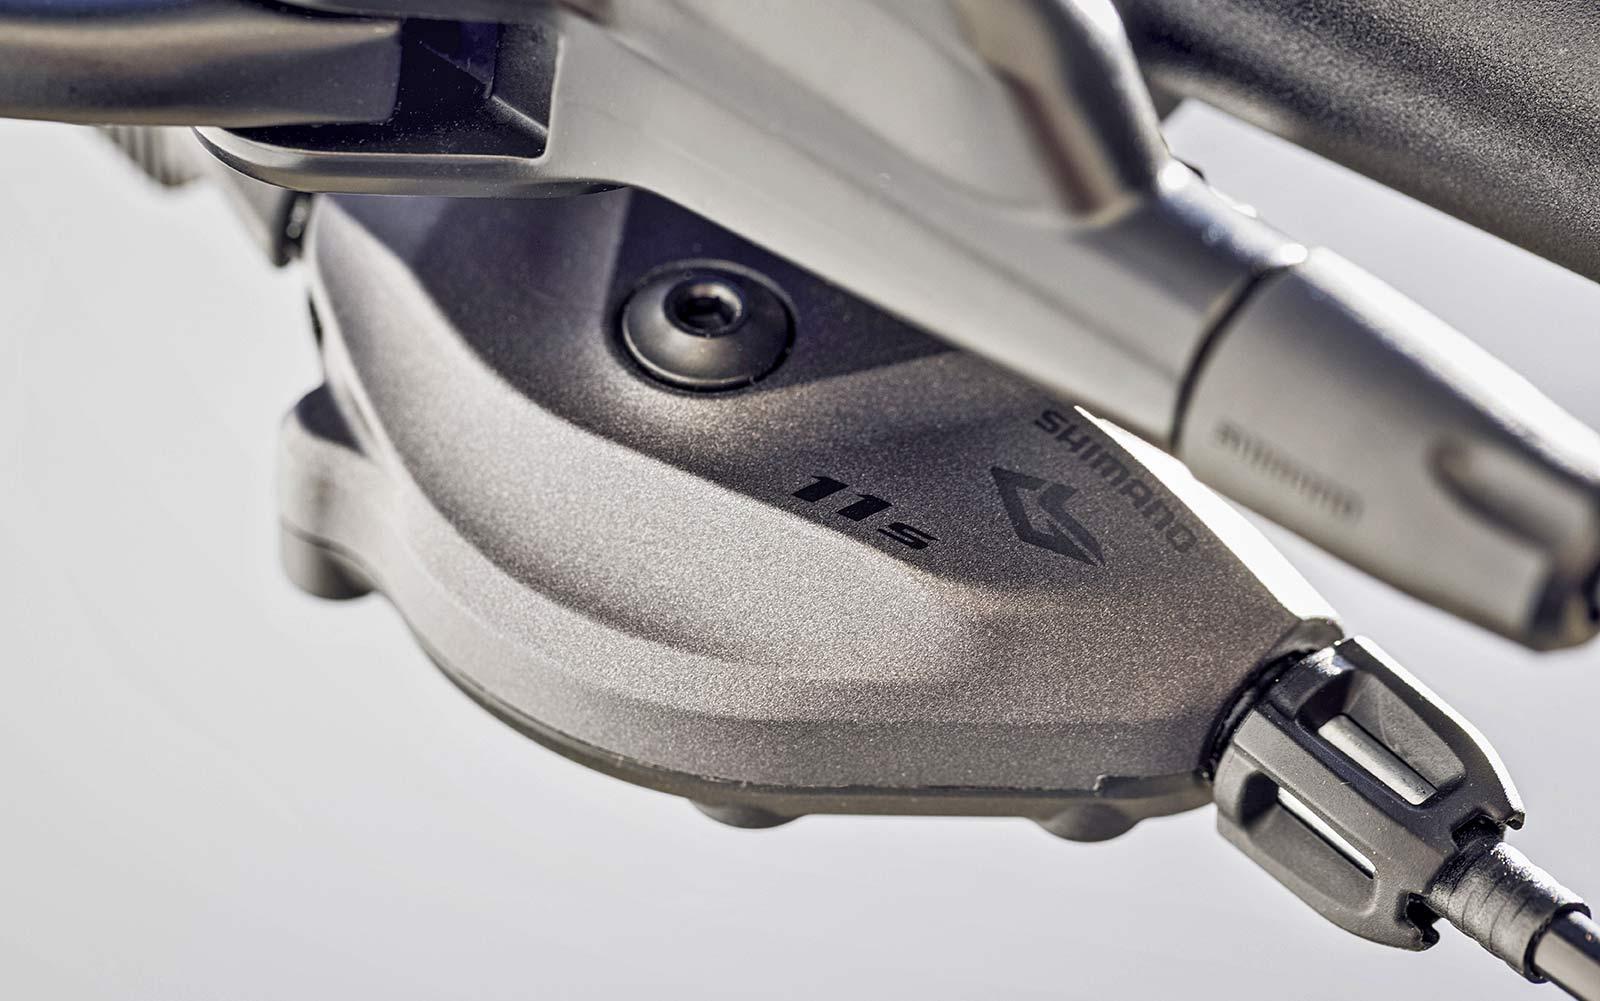 Shimano Deore XT LinkGlide drivetrain is 3x more durable, new LG MTB long-wearing mountain bike groupset,LG logo